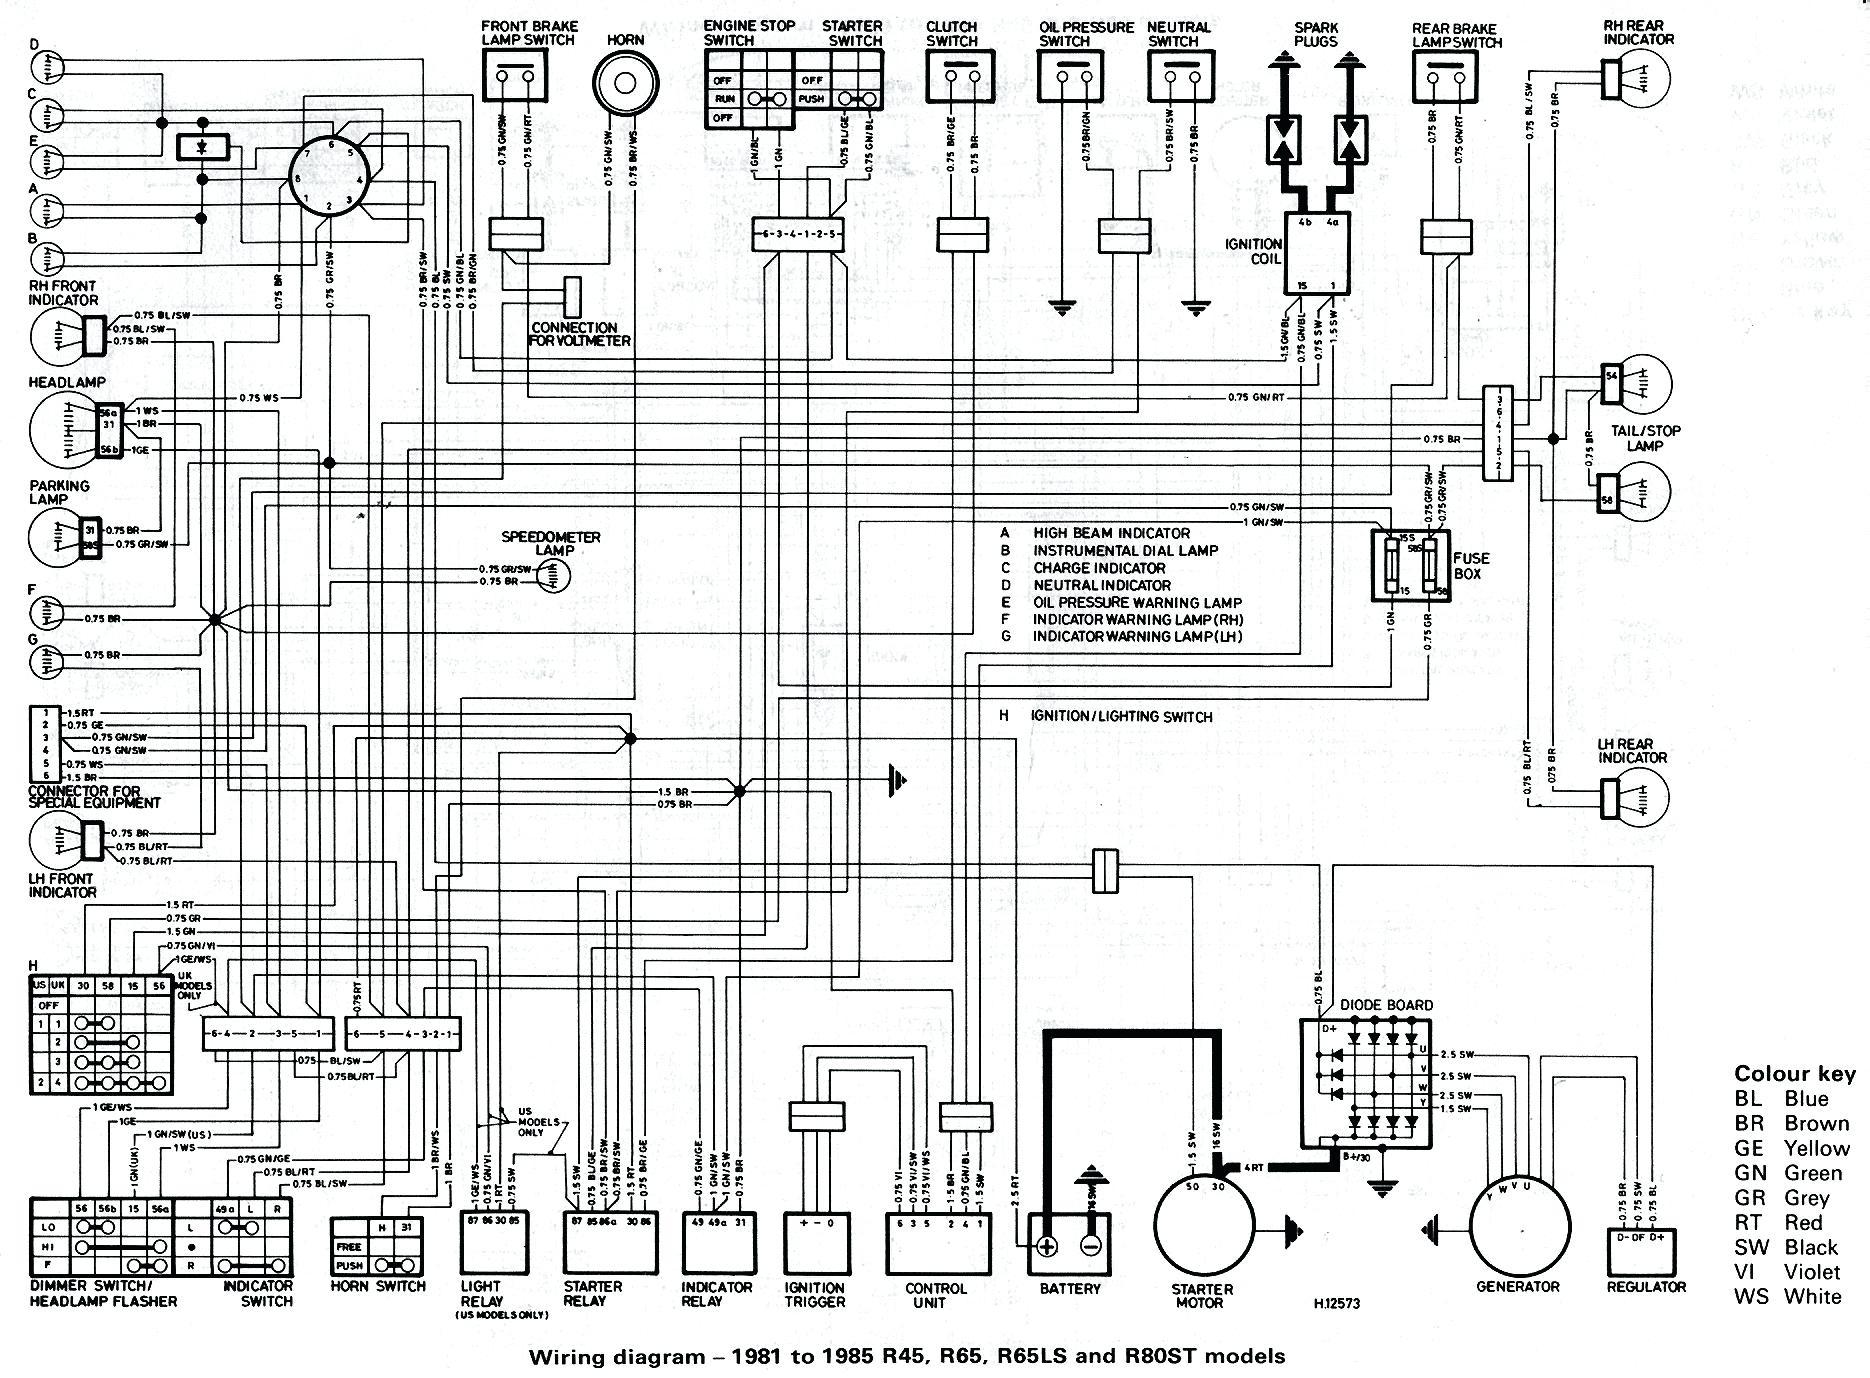 [KZ_9272] 1977 Camaro Wiring Diagram Free Diagram